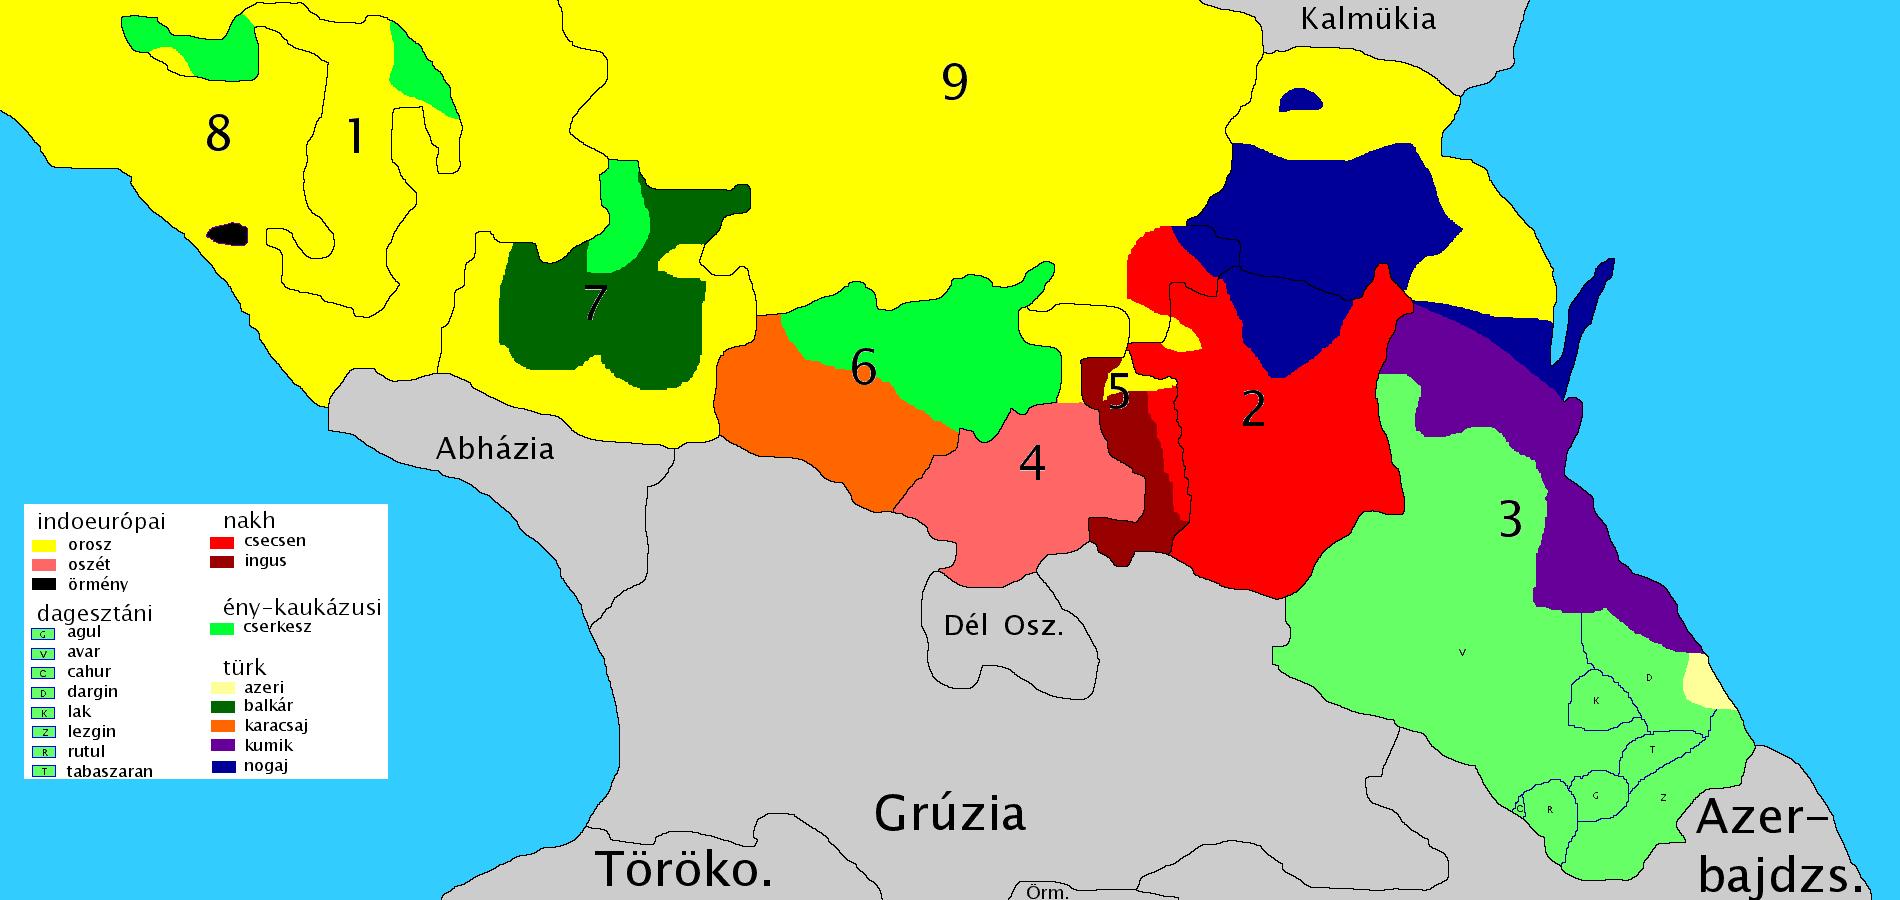 abházia együttes kezelése